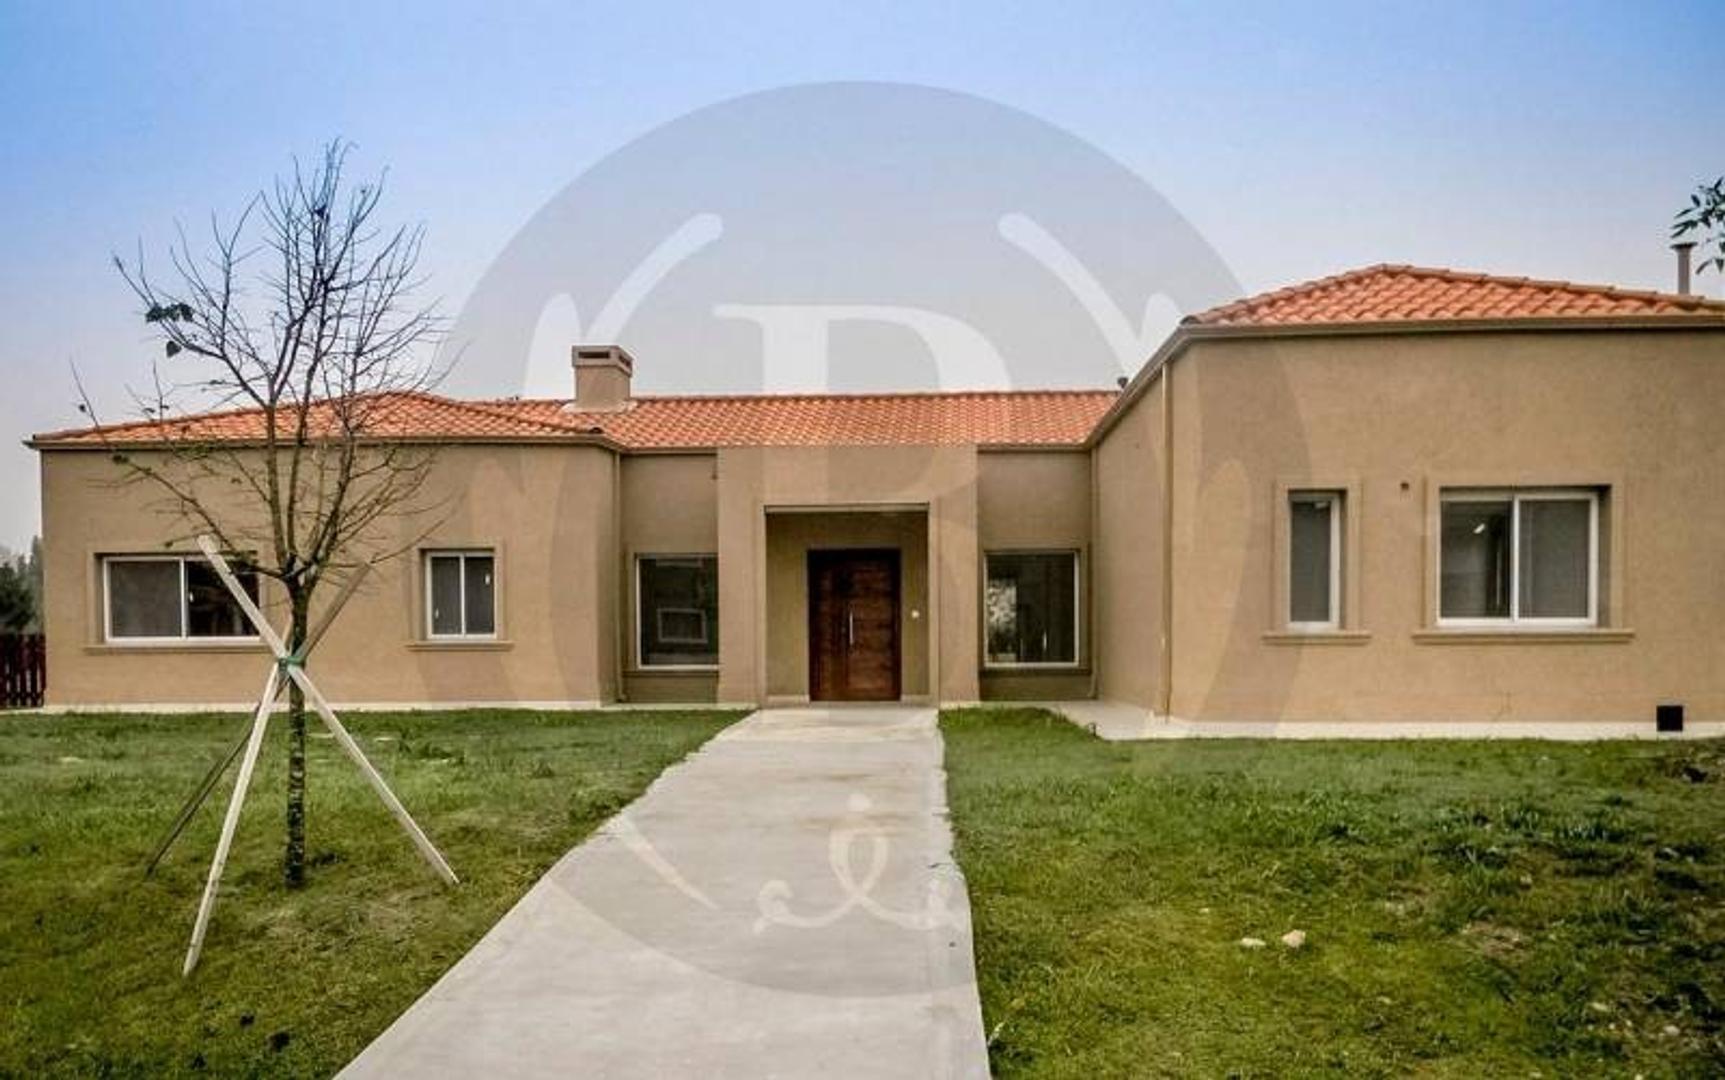 BUSTAMANTE PROP. barrio LOS JAZMINES - 7264 - escriturable apto crédito - Casa - Venta  - Pilar